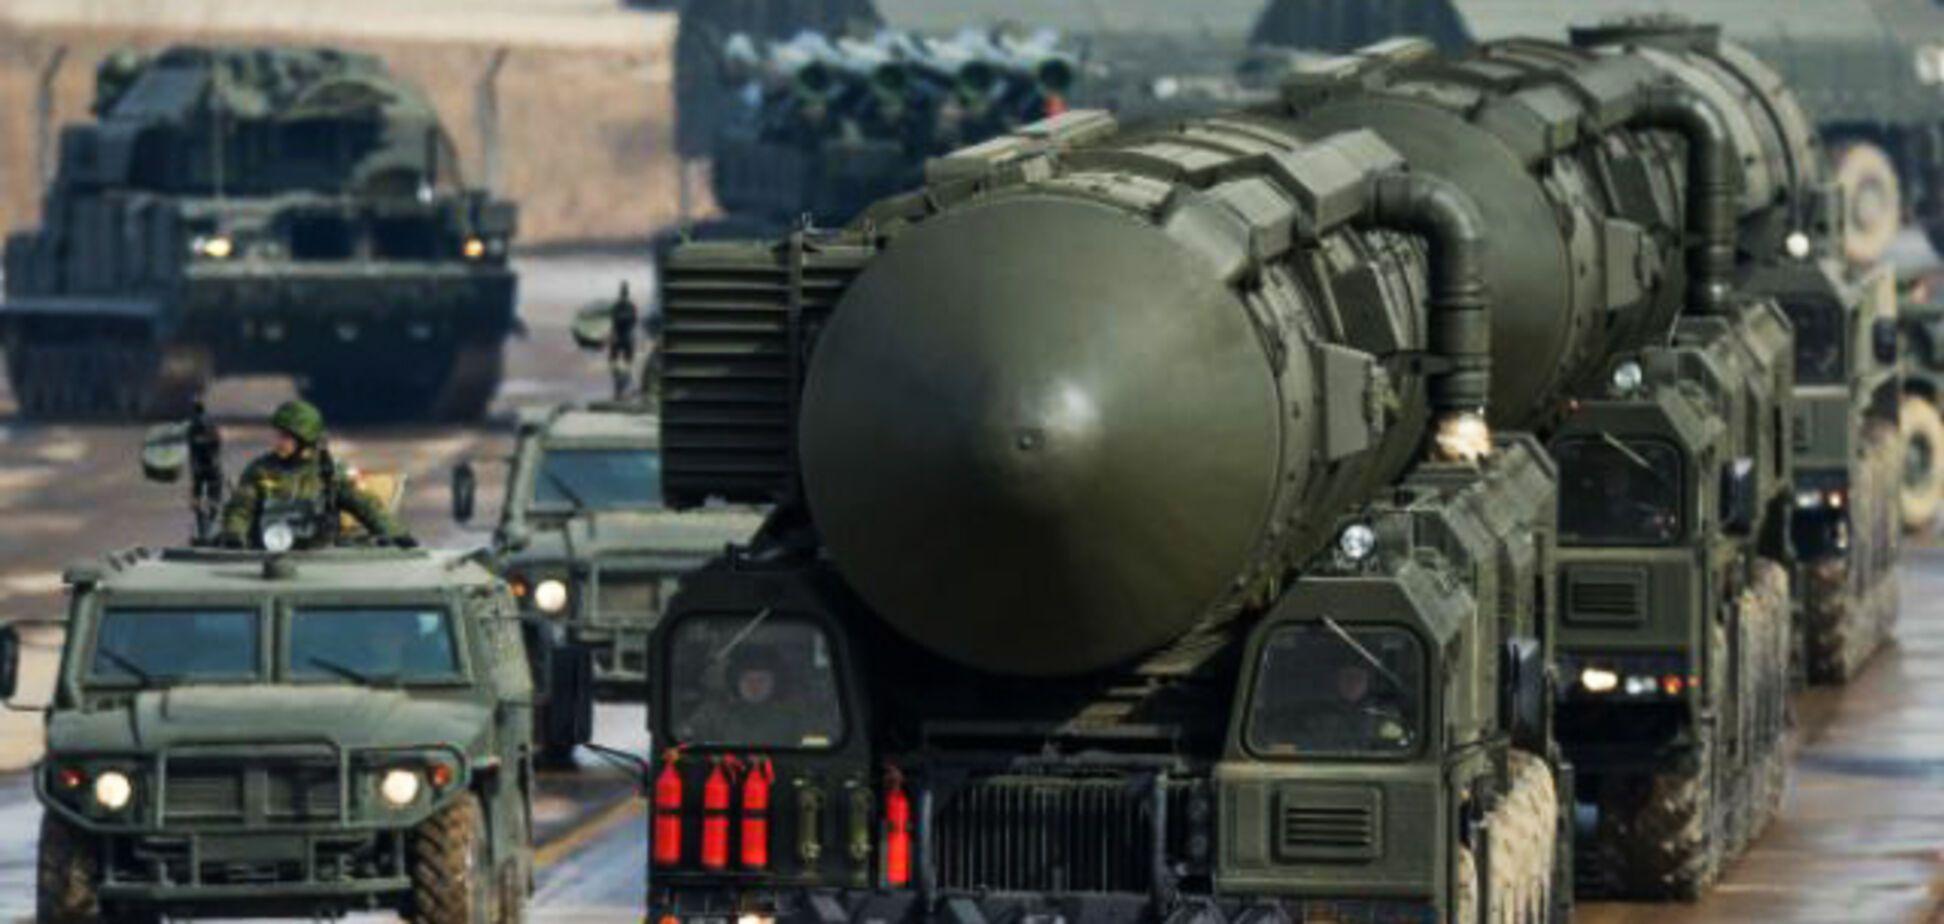 Кремль готовится к ядерной войне: в Украине указали на признаки